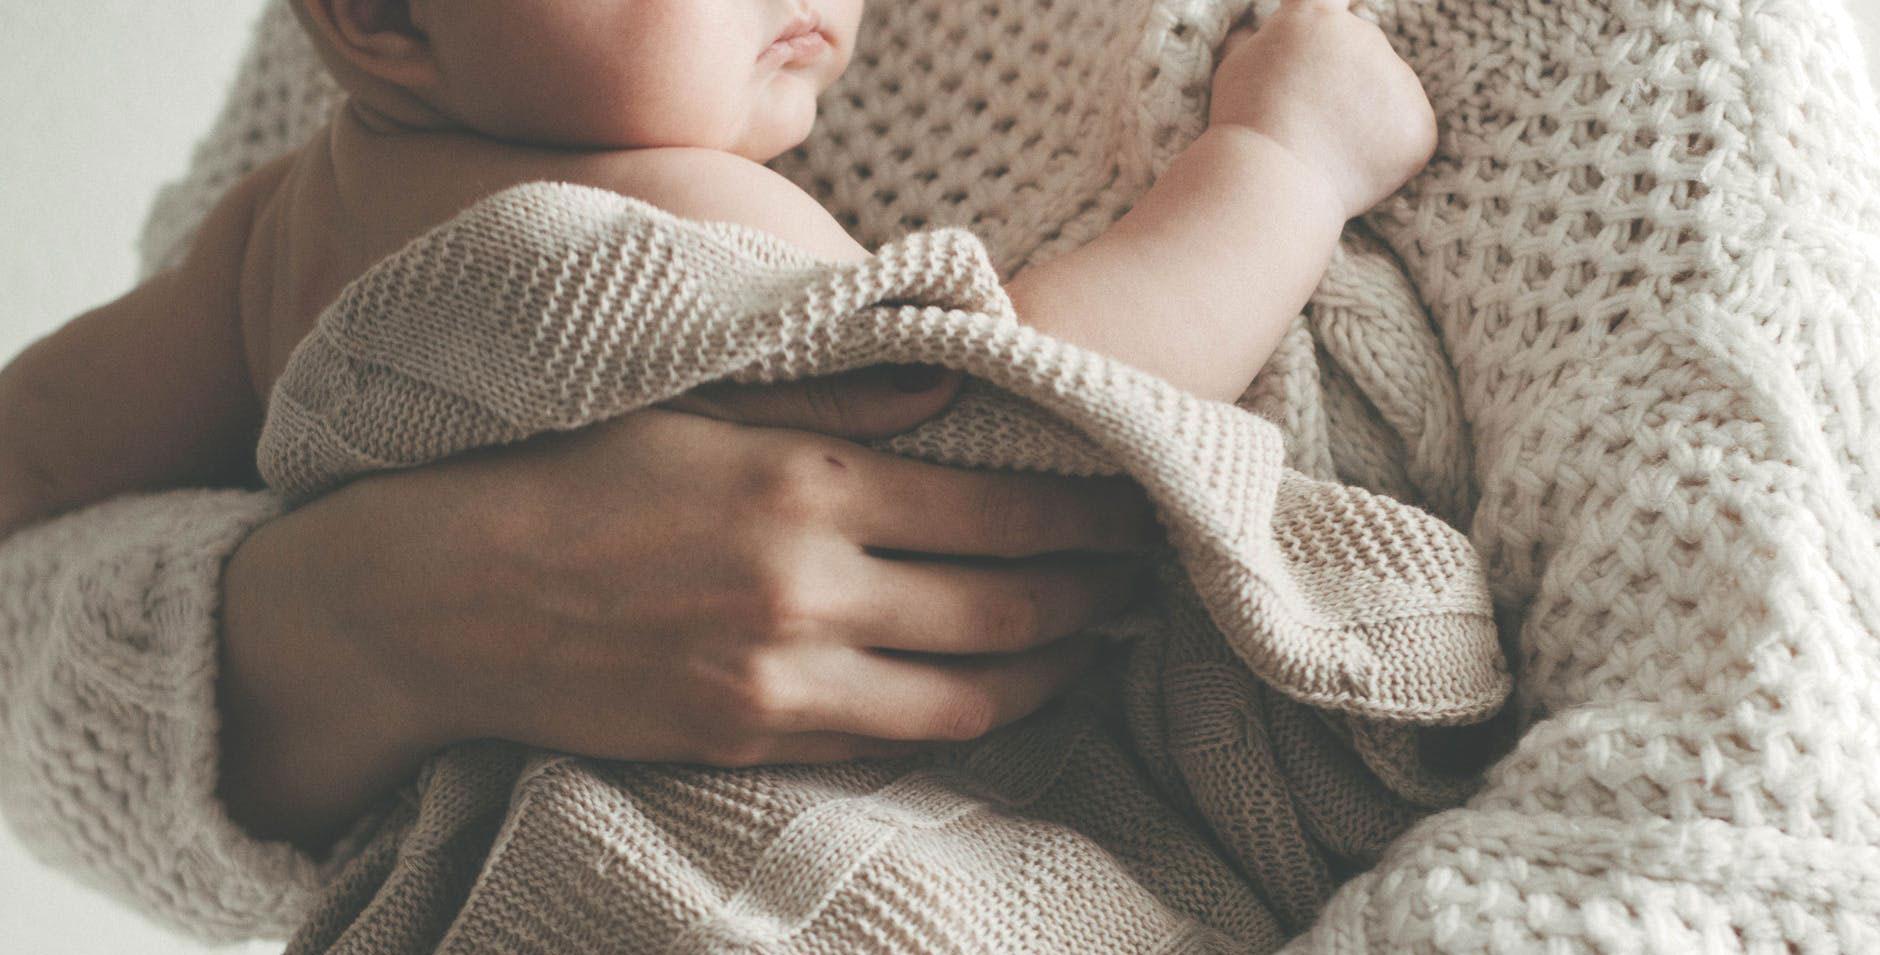 Il bambino naturale - consigli a genitori e figli